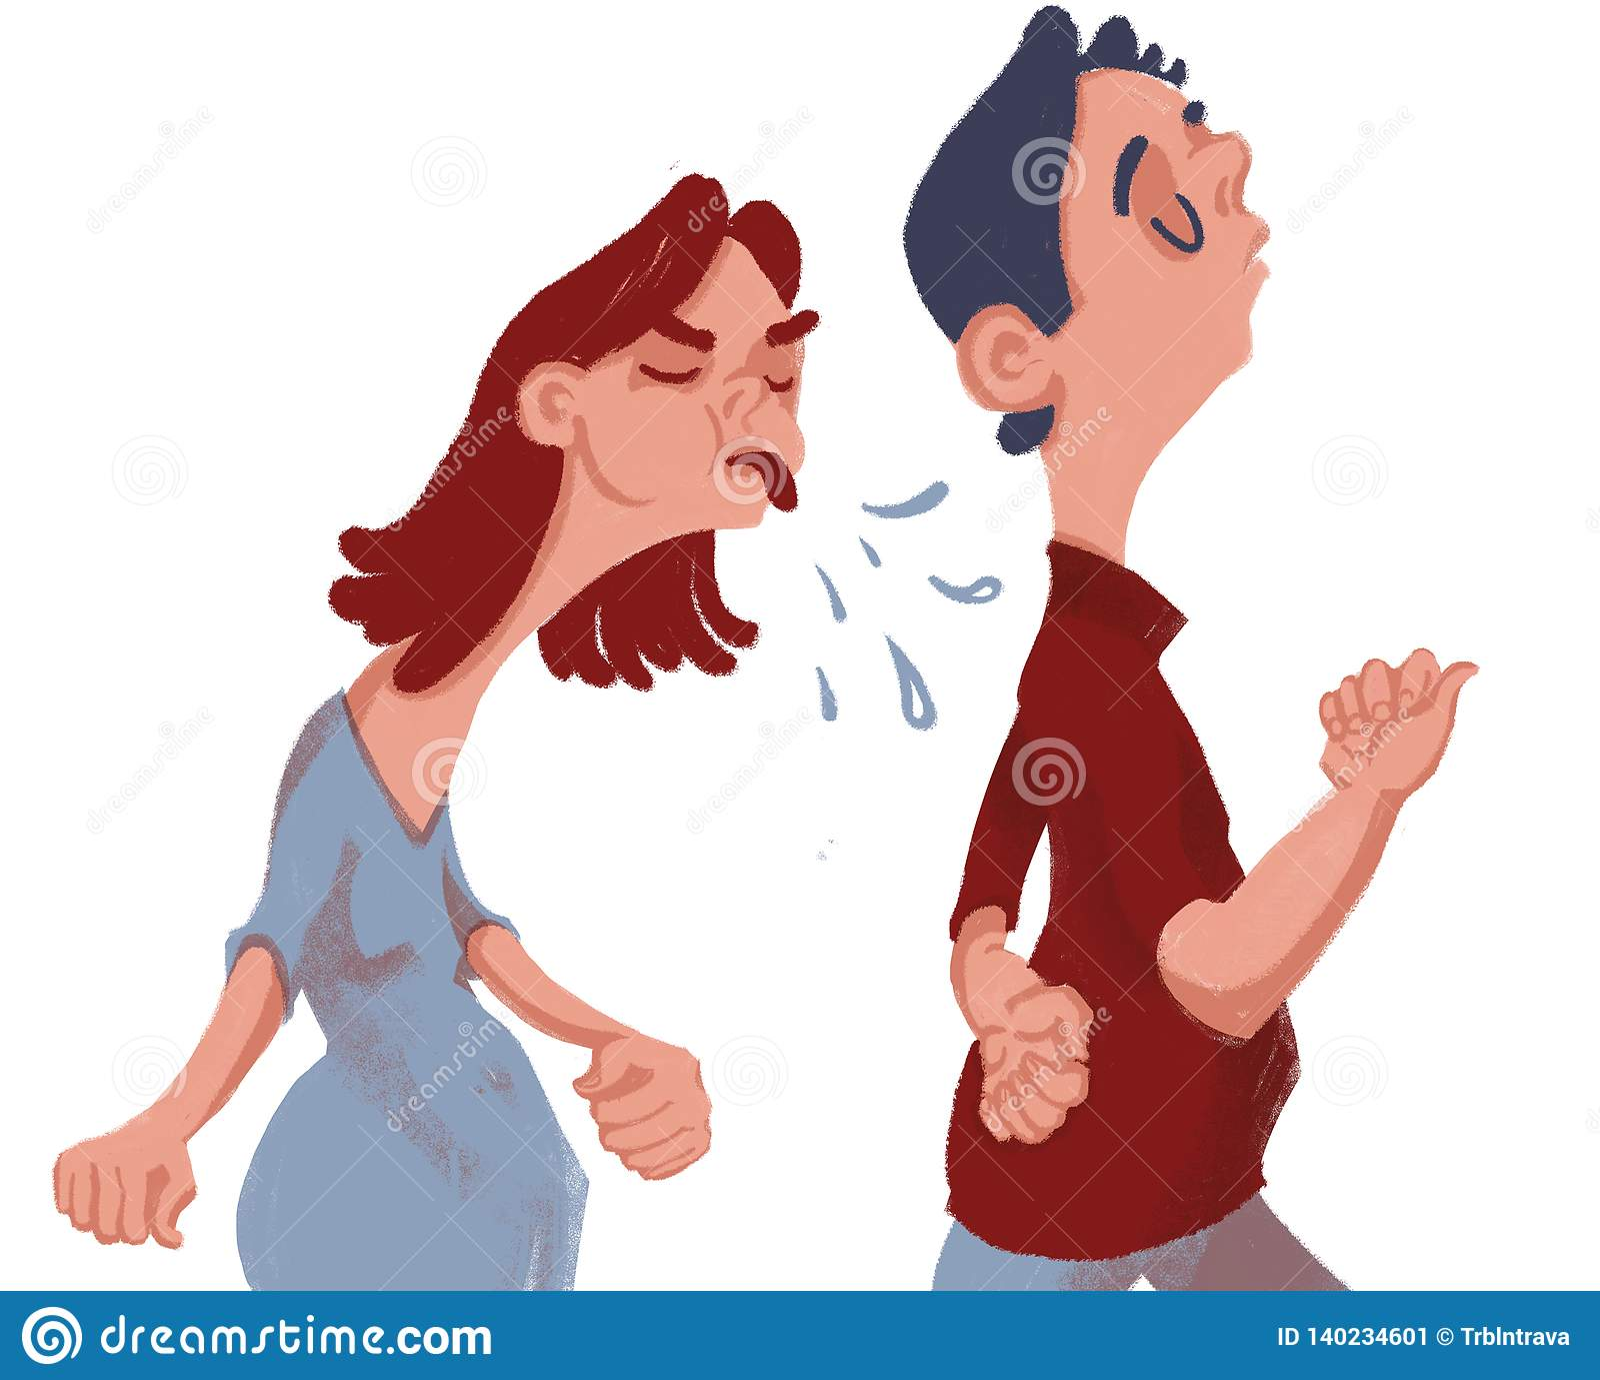 Gräla Flickan är ilsken och tar anstöt på grabben